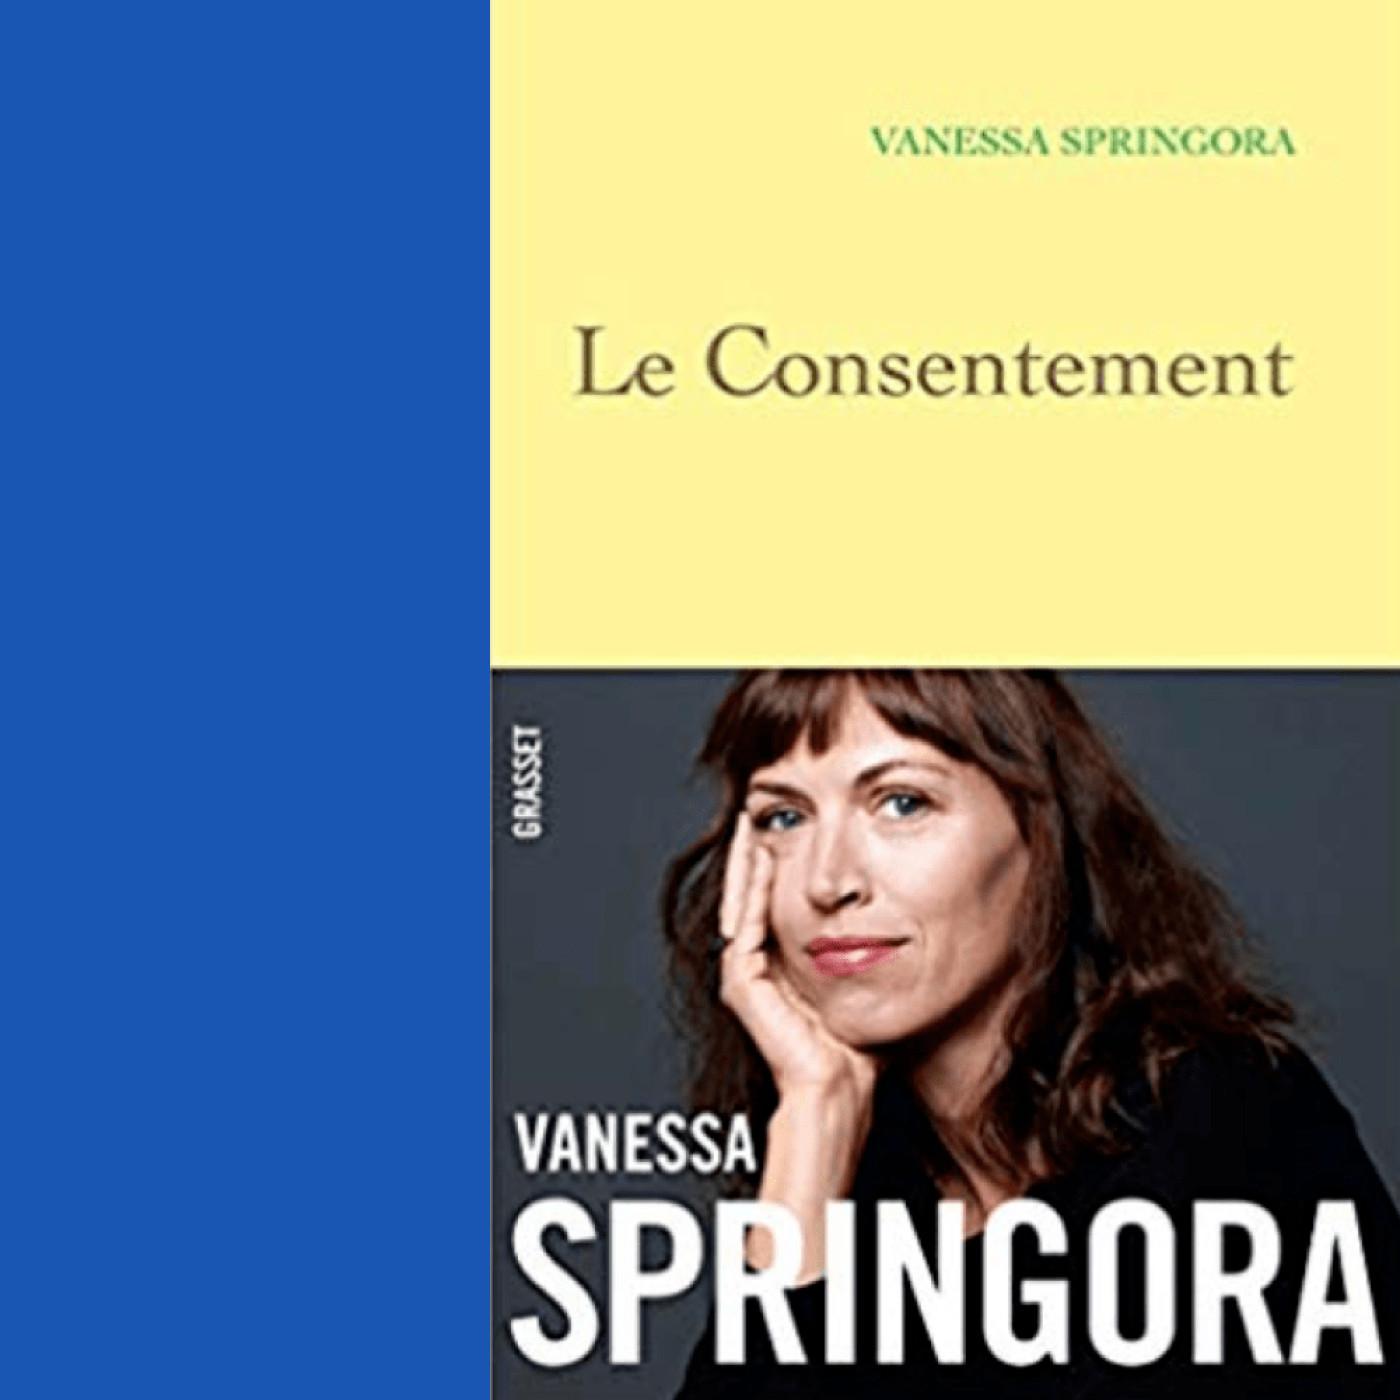 Le consentement (extrait du livre de Vanessa Springora)